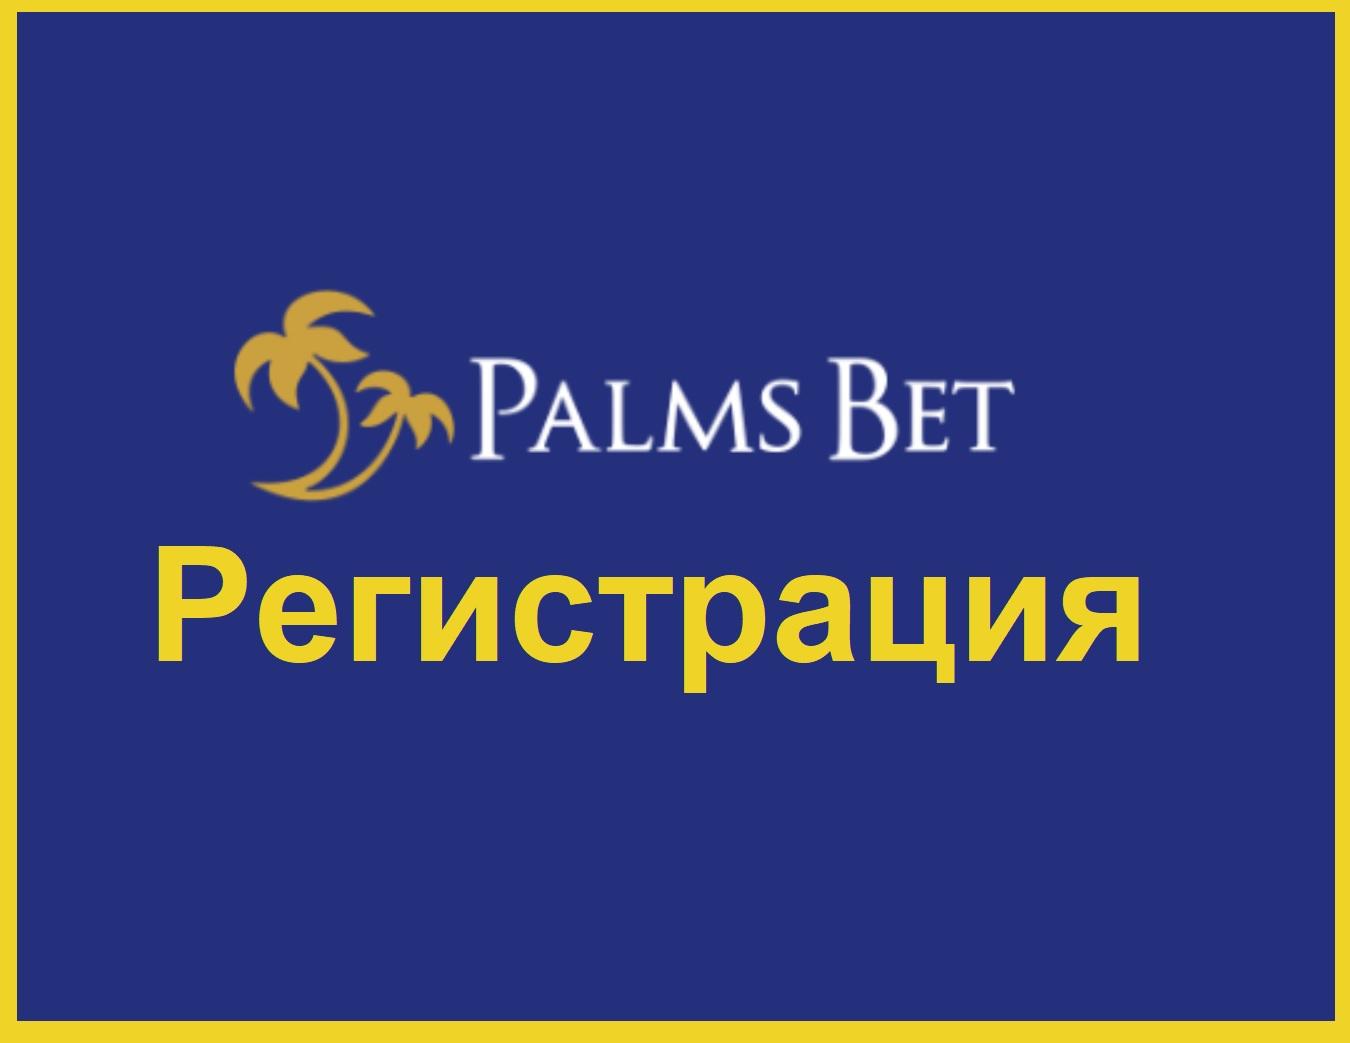 Палмсбет Регистрация